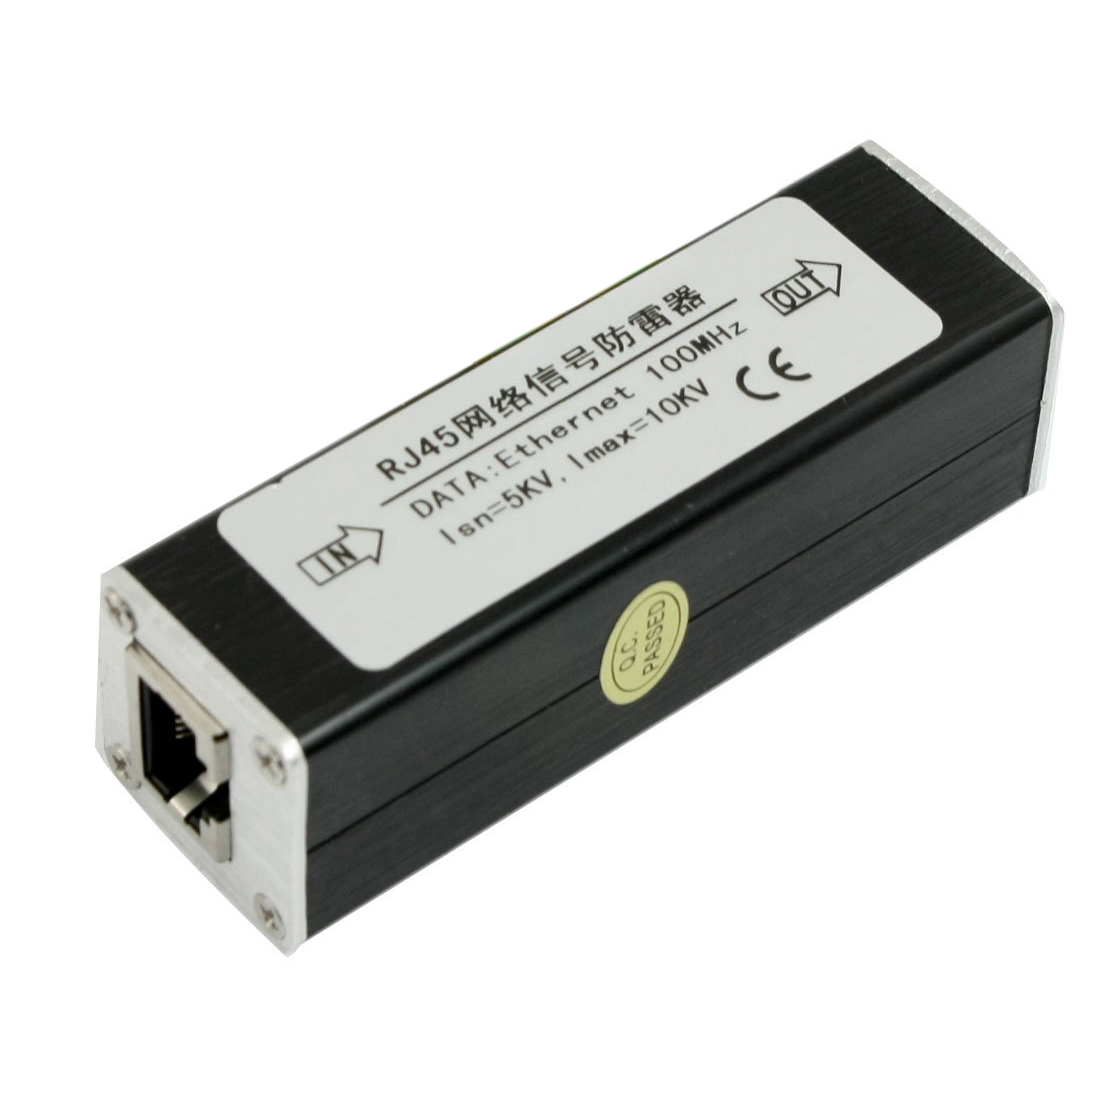 цена на GTFS Hot RJ45 Plug Ethernet Network Surge Protector Thunder Arrester 100MHz